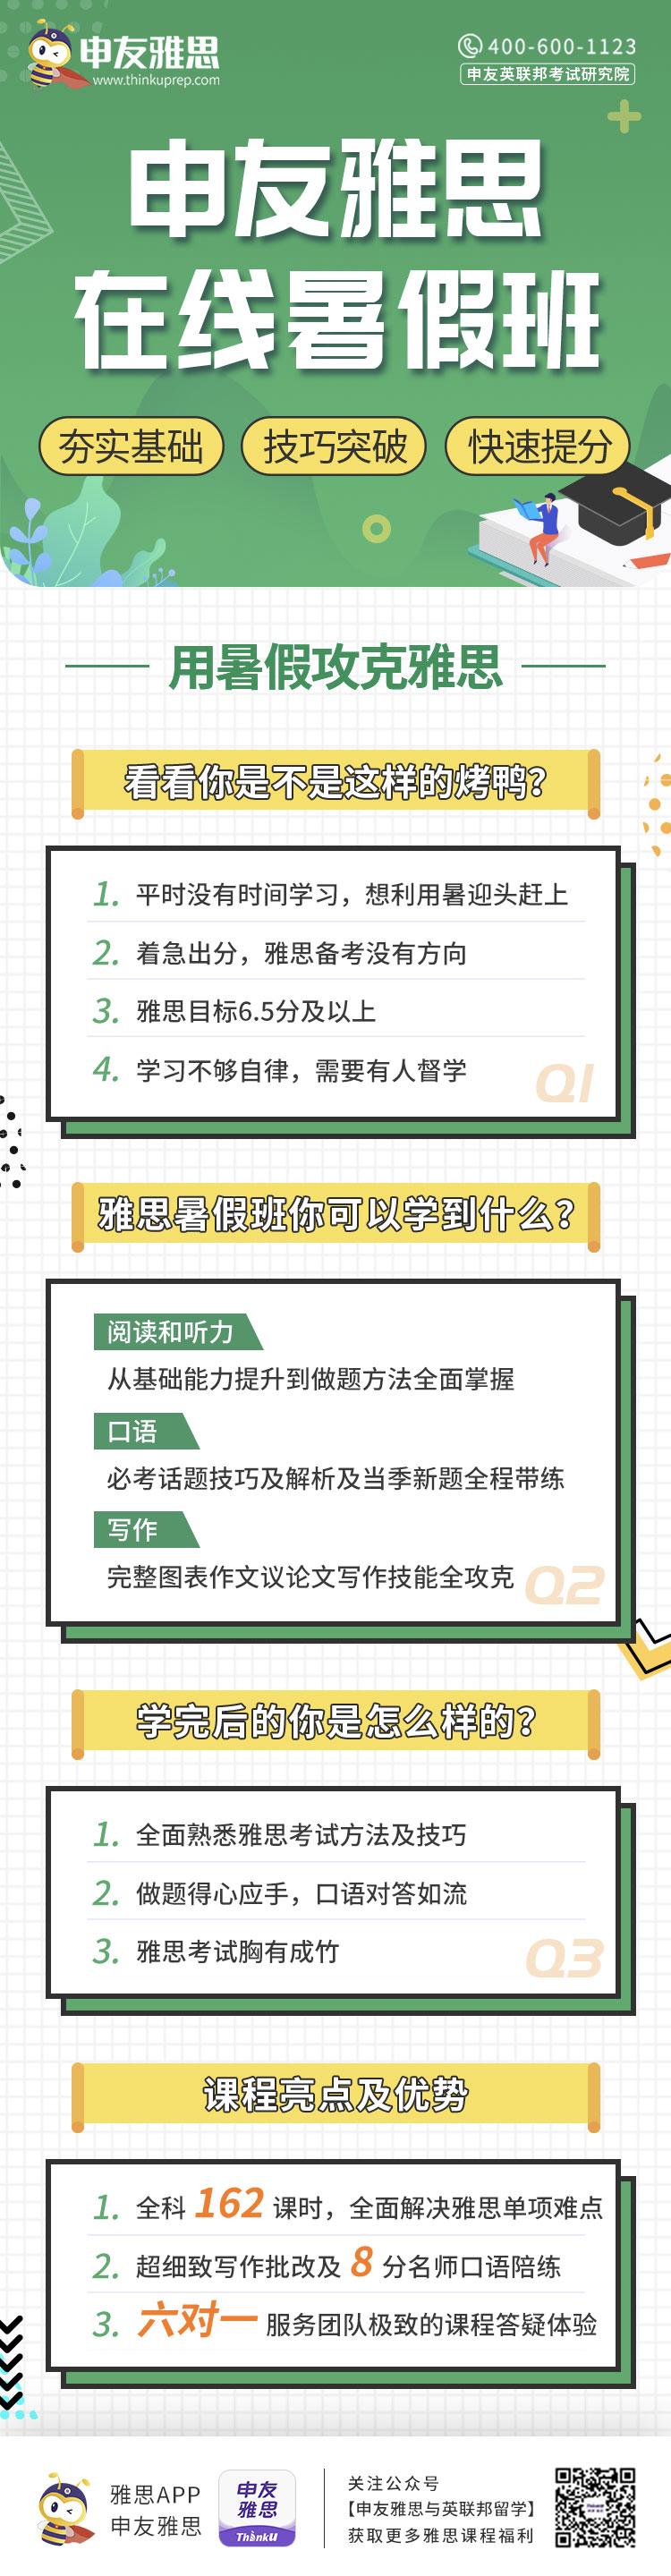 申友雅思在线暑假班.png